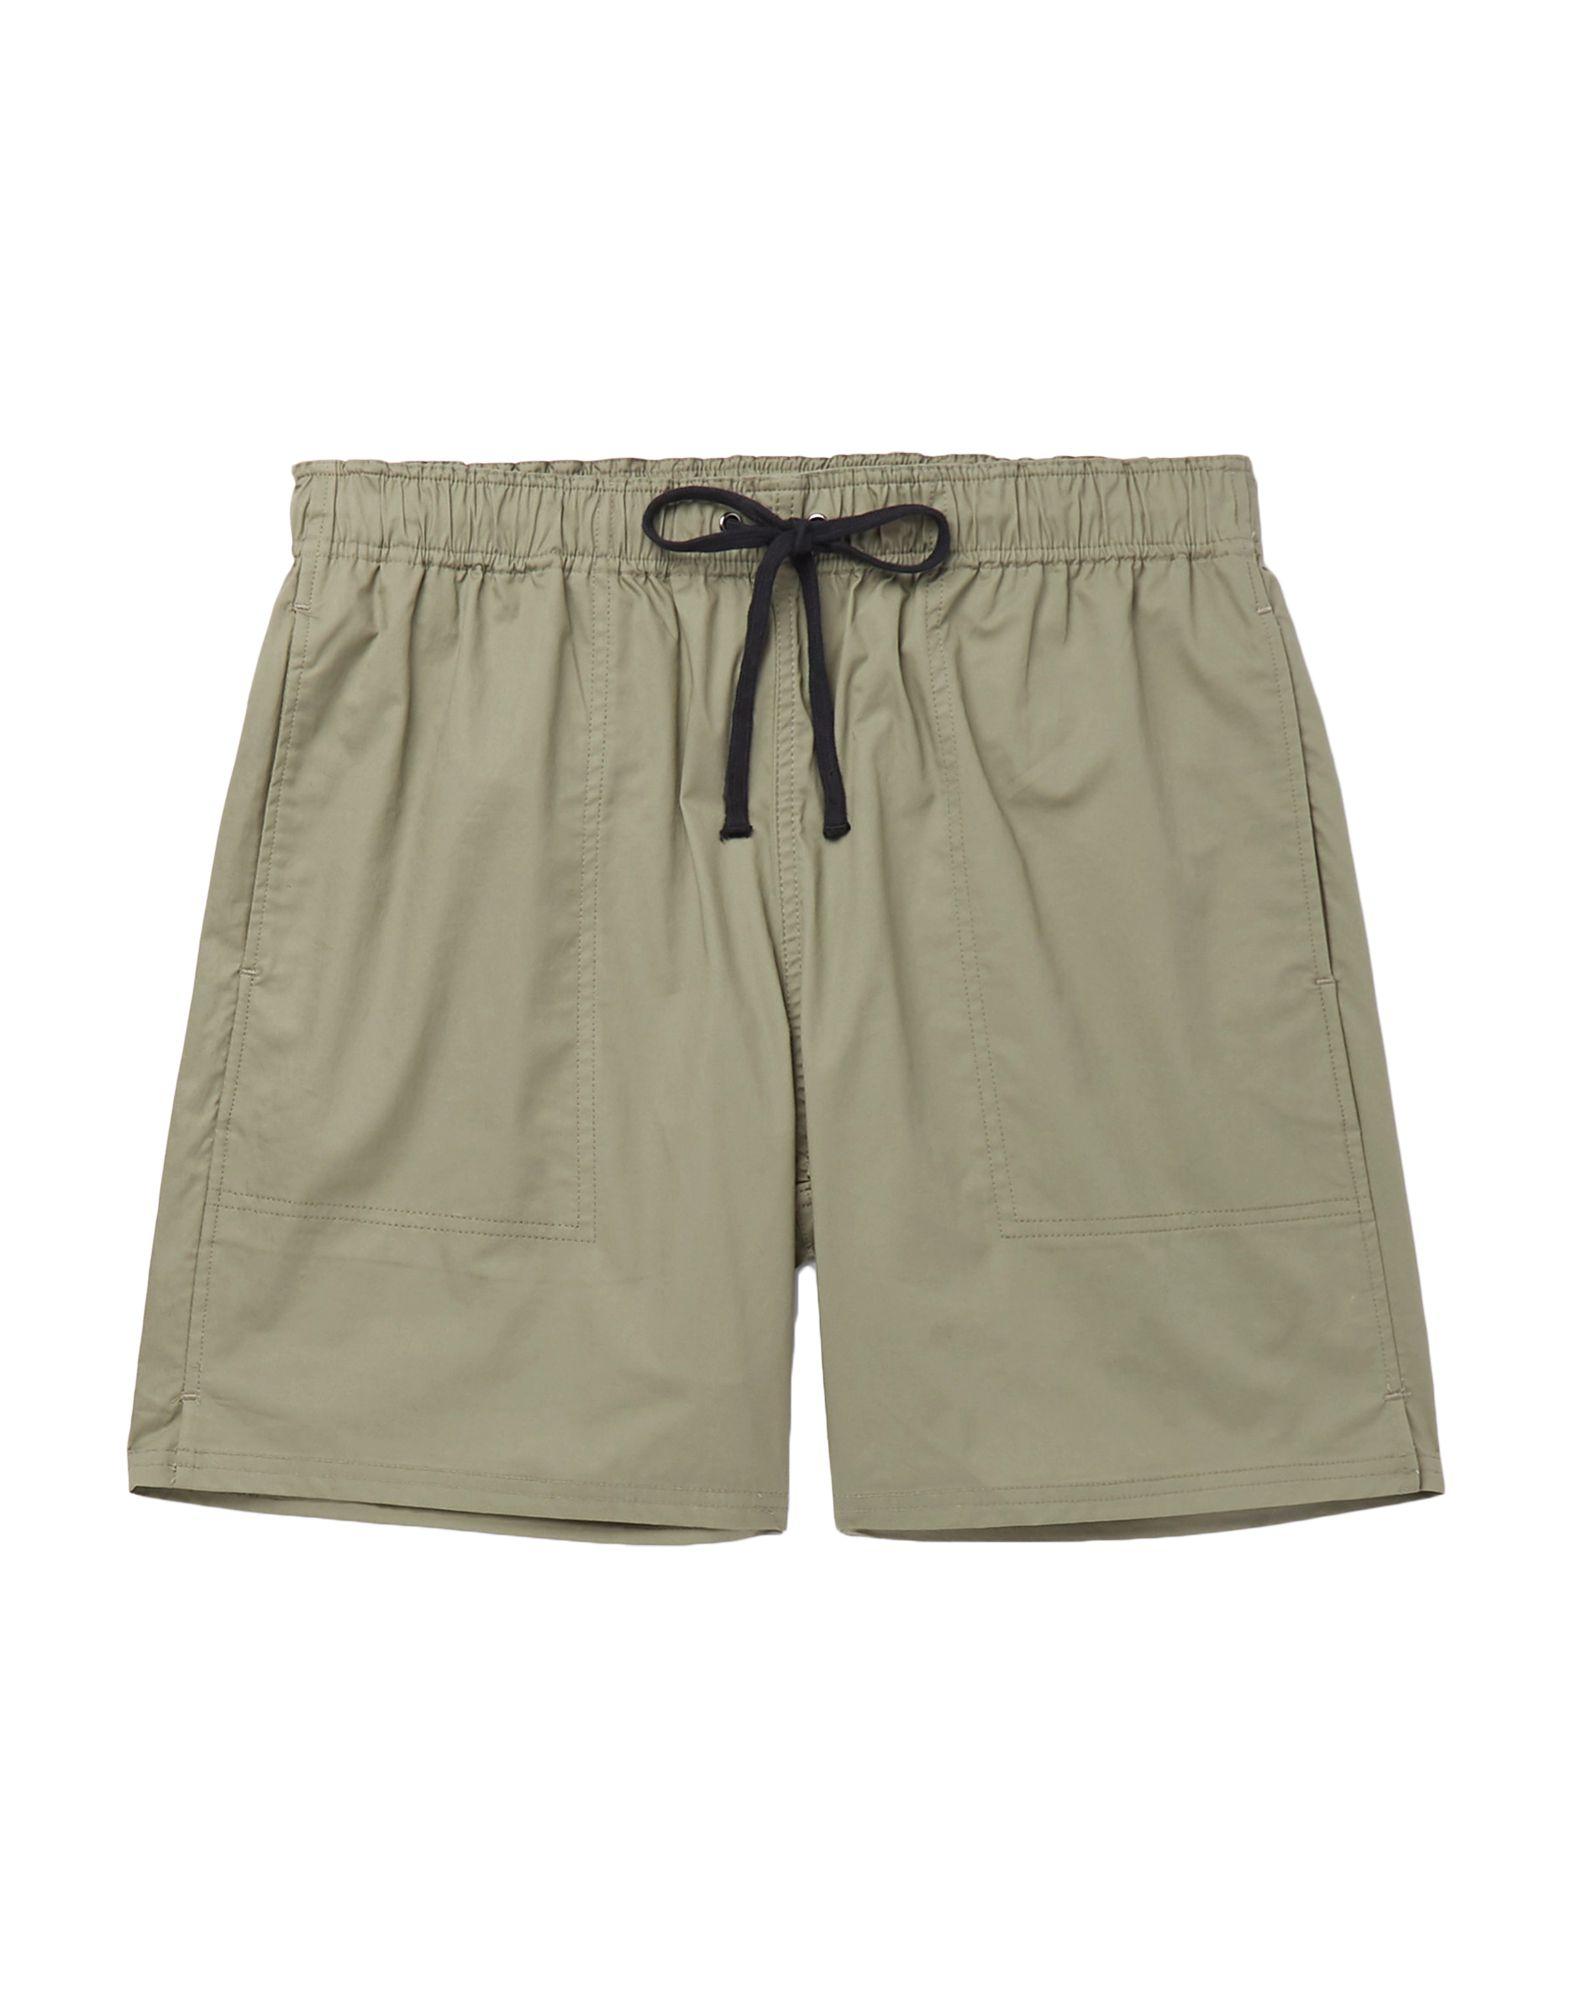 SATURDAYS NEW YORK CITY Пляжные брюки и шорты